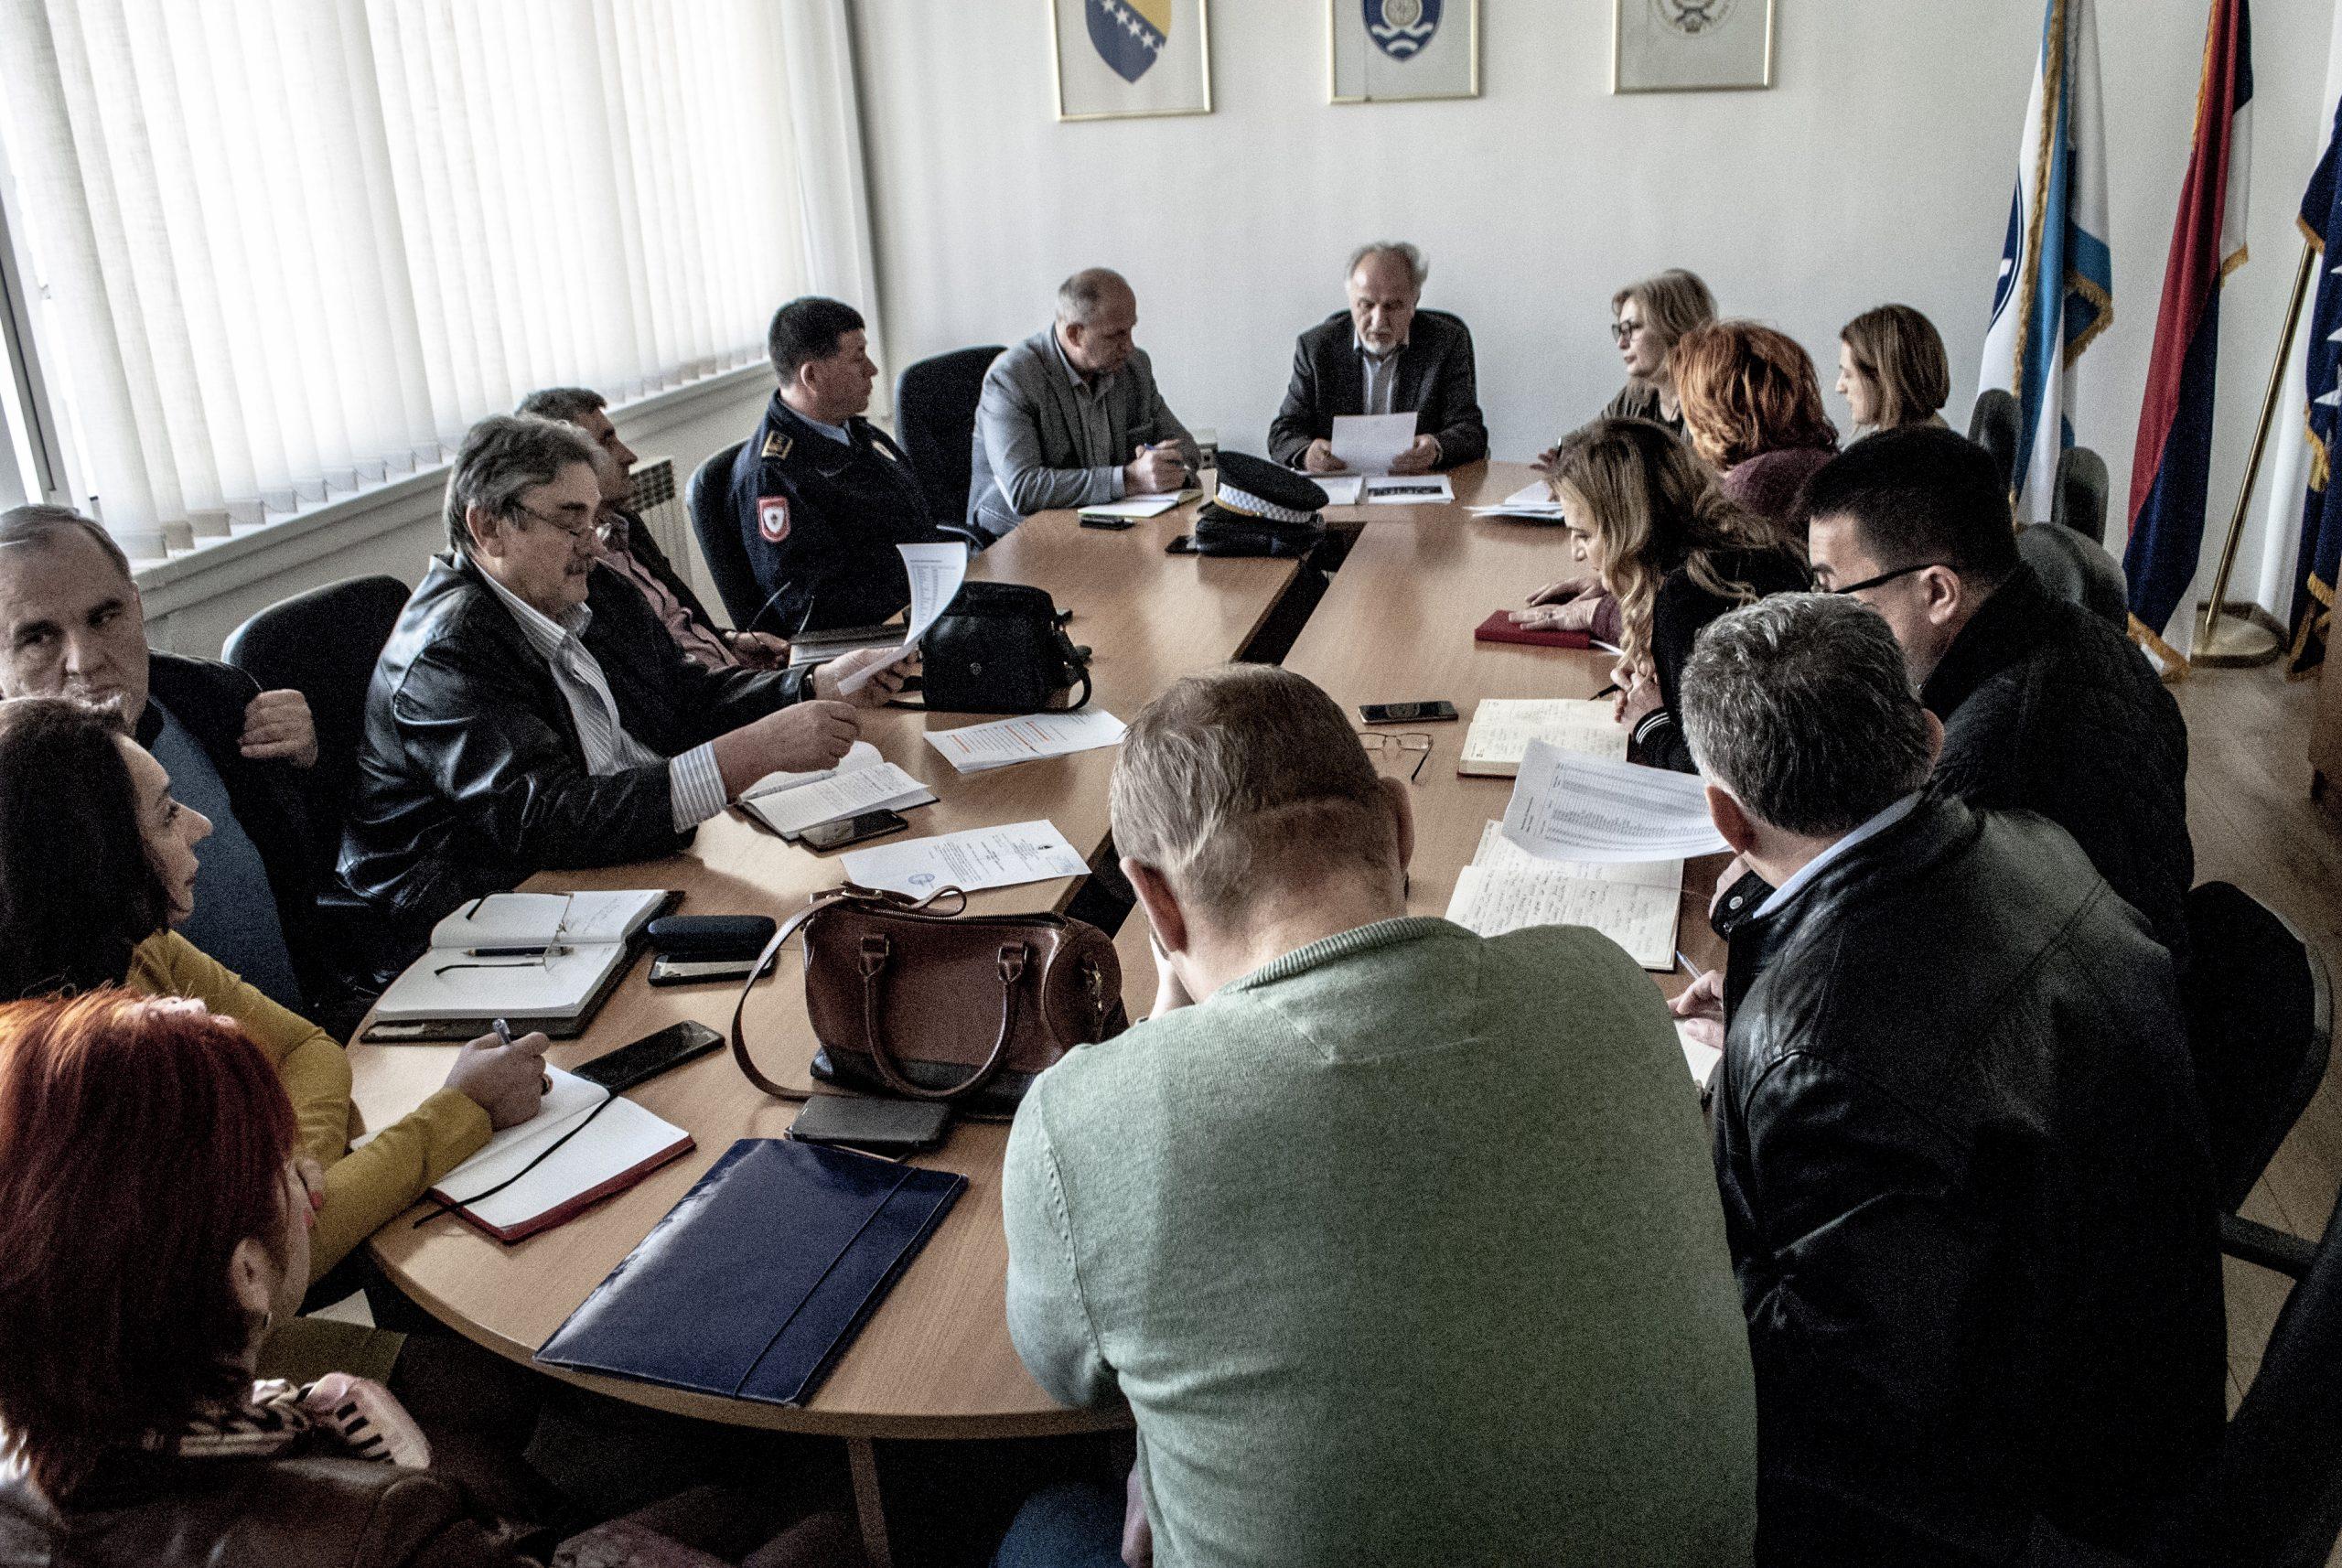 Наредба Штаба за ванредне ситуације општине Фоча